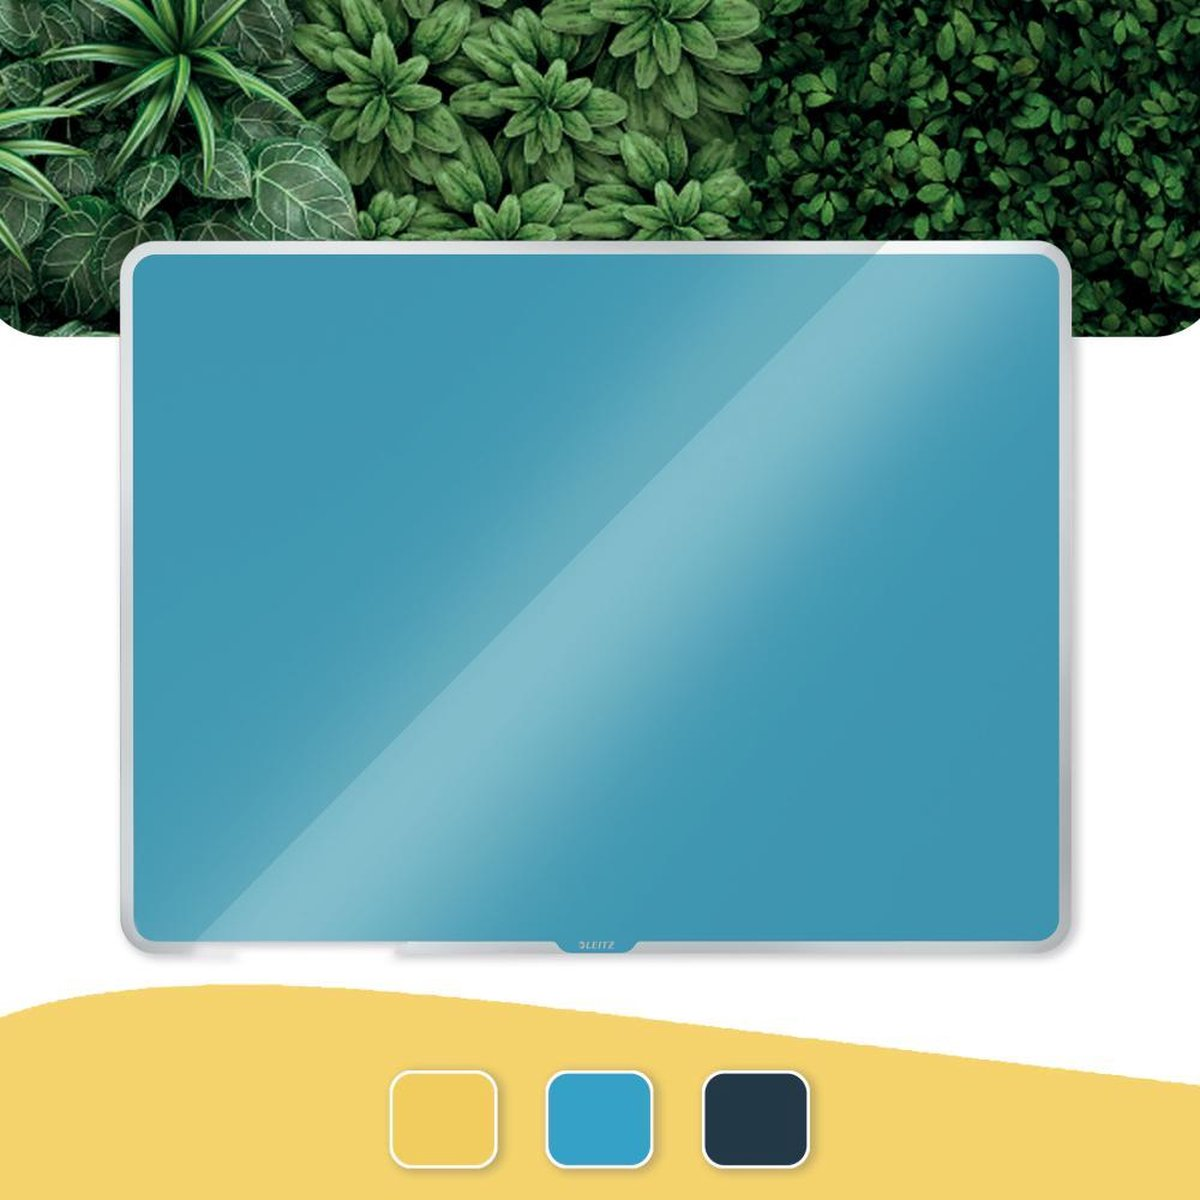 Leitz Cosy Glazen, Magnetisch Whiteboard Met Montageset - Glassboard Inclusief Microvezeldoek, Uitwisbare Marker Met Wisser - 600x400mm - Sereen Blauw